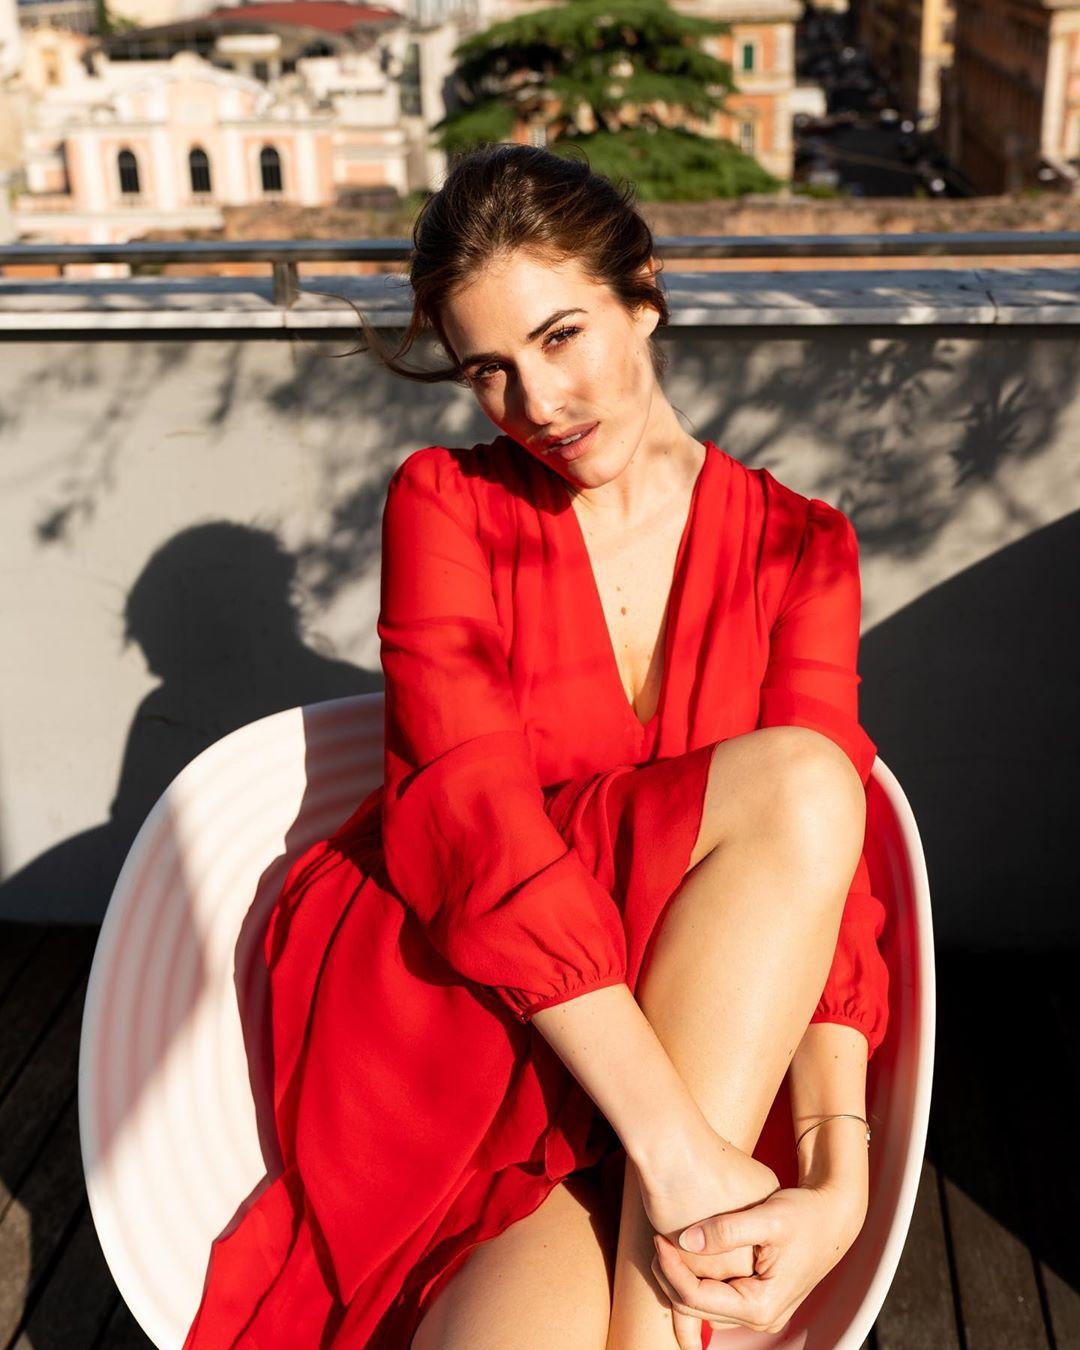 Diana Del Bufalo, da Colorado alla storia d'amore con Paolo Ruffini, ormai suo ex